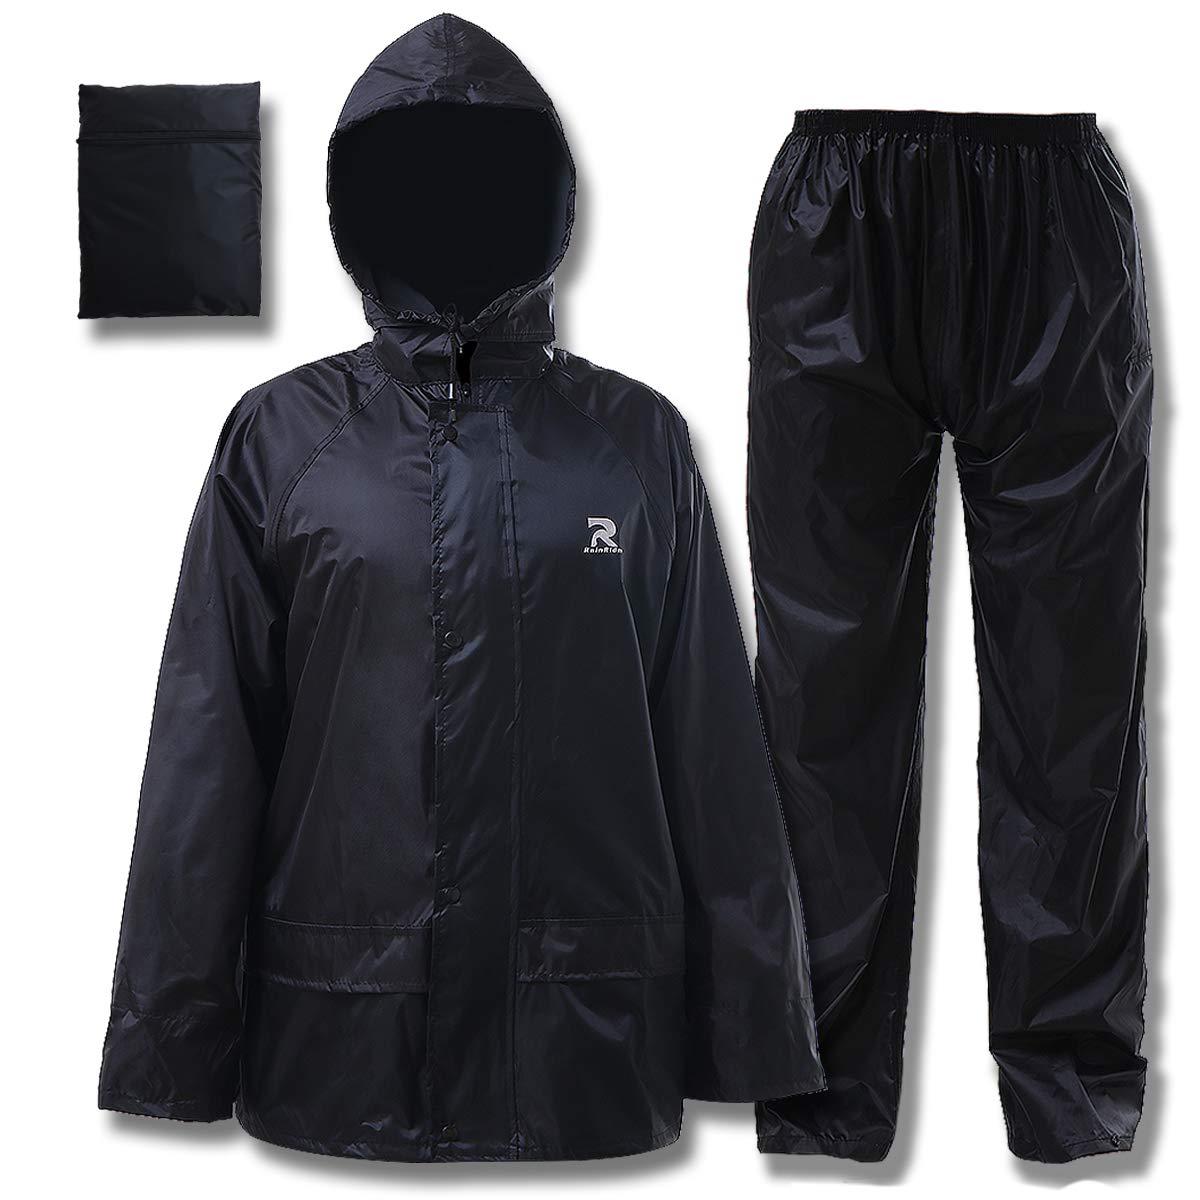 Rain Suit for Men Women Ultra-Lite Rain Gear Jacket with Pants 3-Piece Portable Ripstop(Black,X-Large)